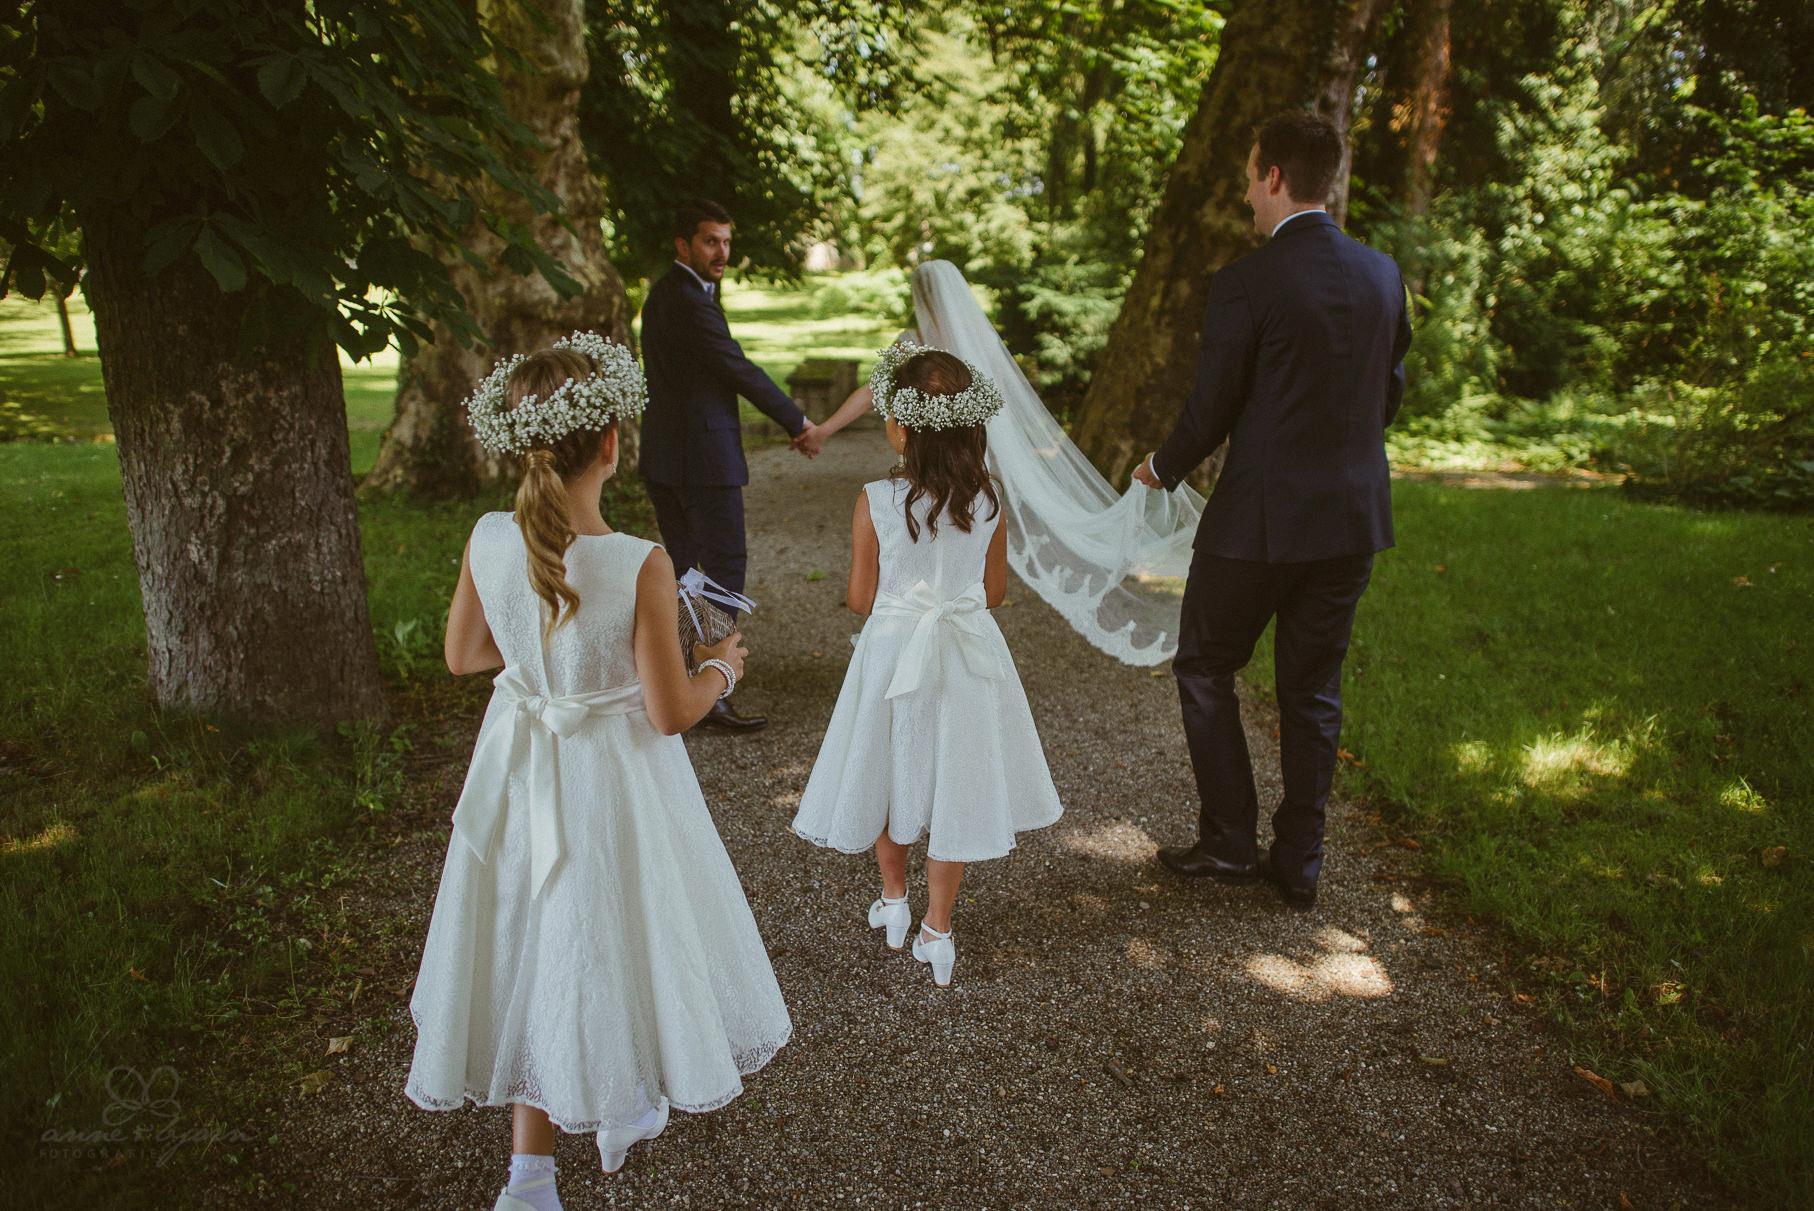 0062 anne und bjoern hochzeit schweiz d75 0333 - DIY Hochzeit in der Schweiz - Sabrina & Christoph